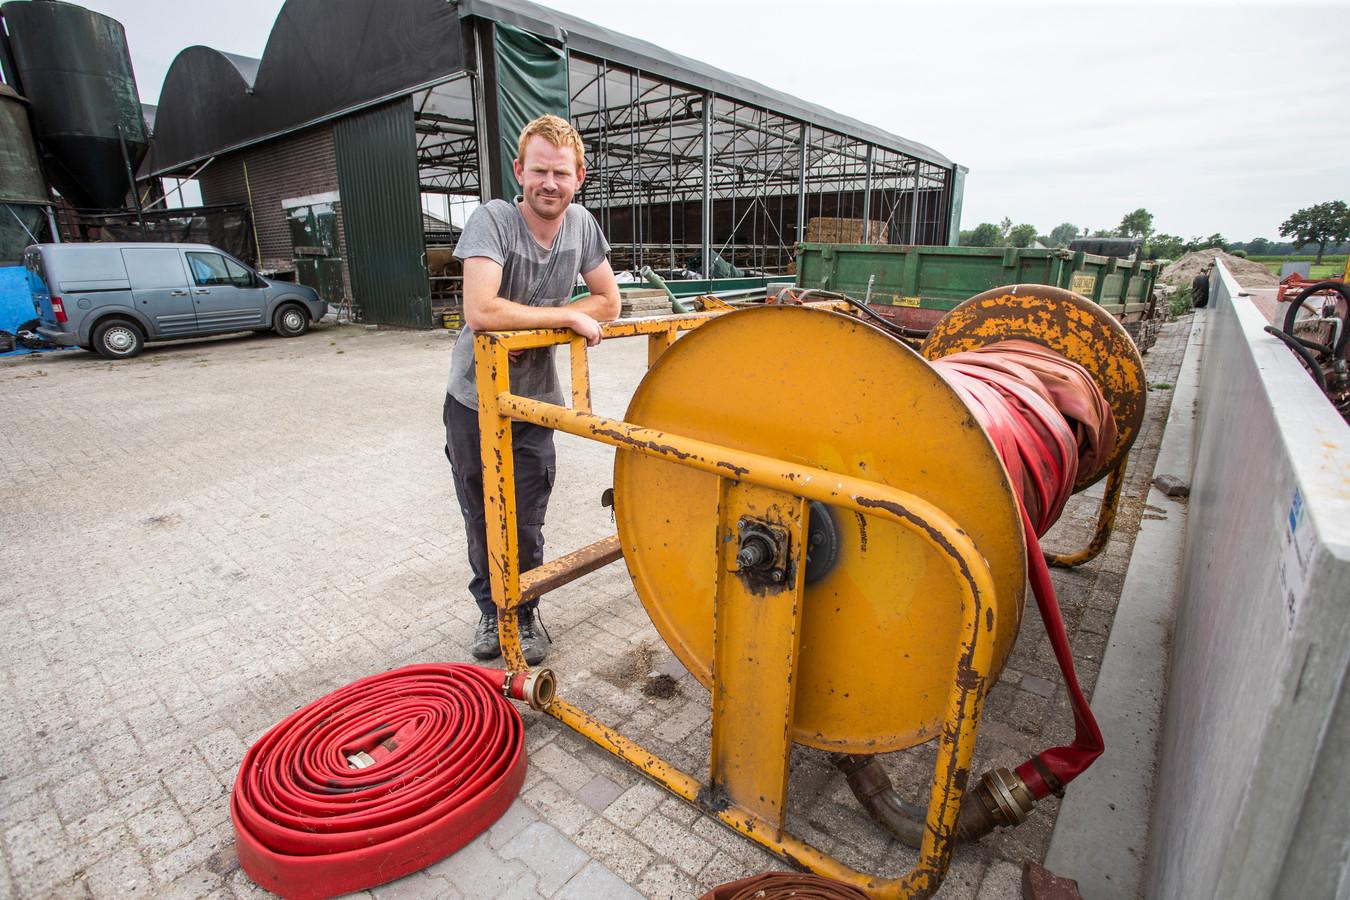 De slangen van boer Ronald Klein Geltink blijven voorlopig opgerold. Vanwege het verbod op gebruik van grond- én oppervlaktewater valt er niets te sproeien.